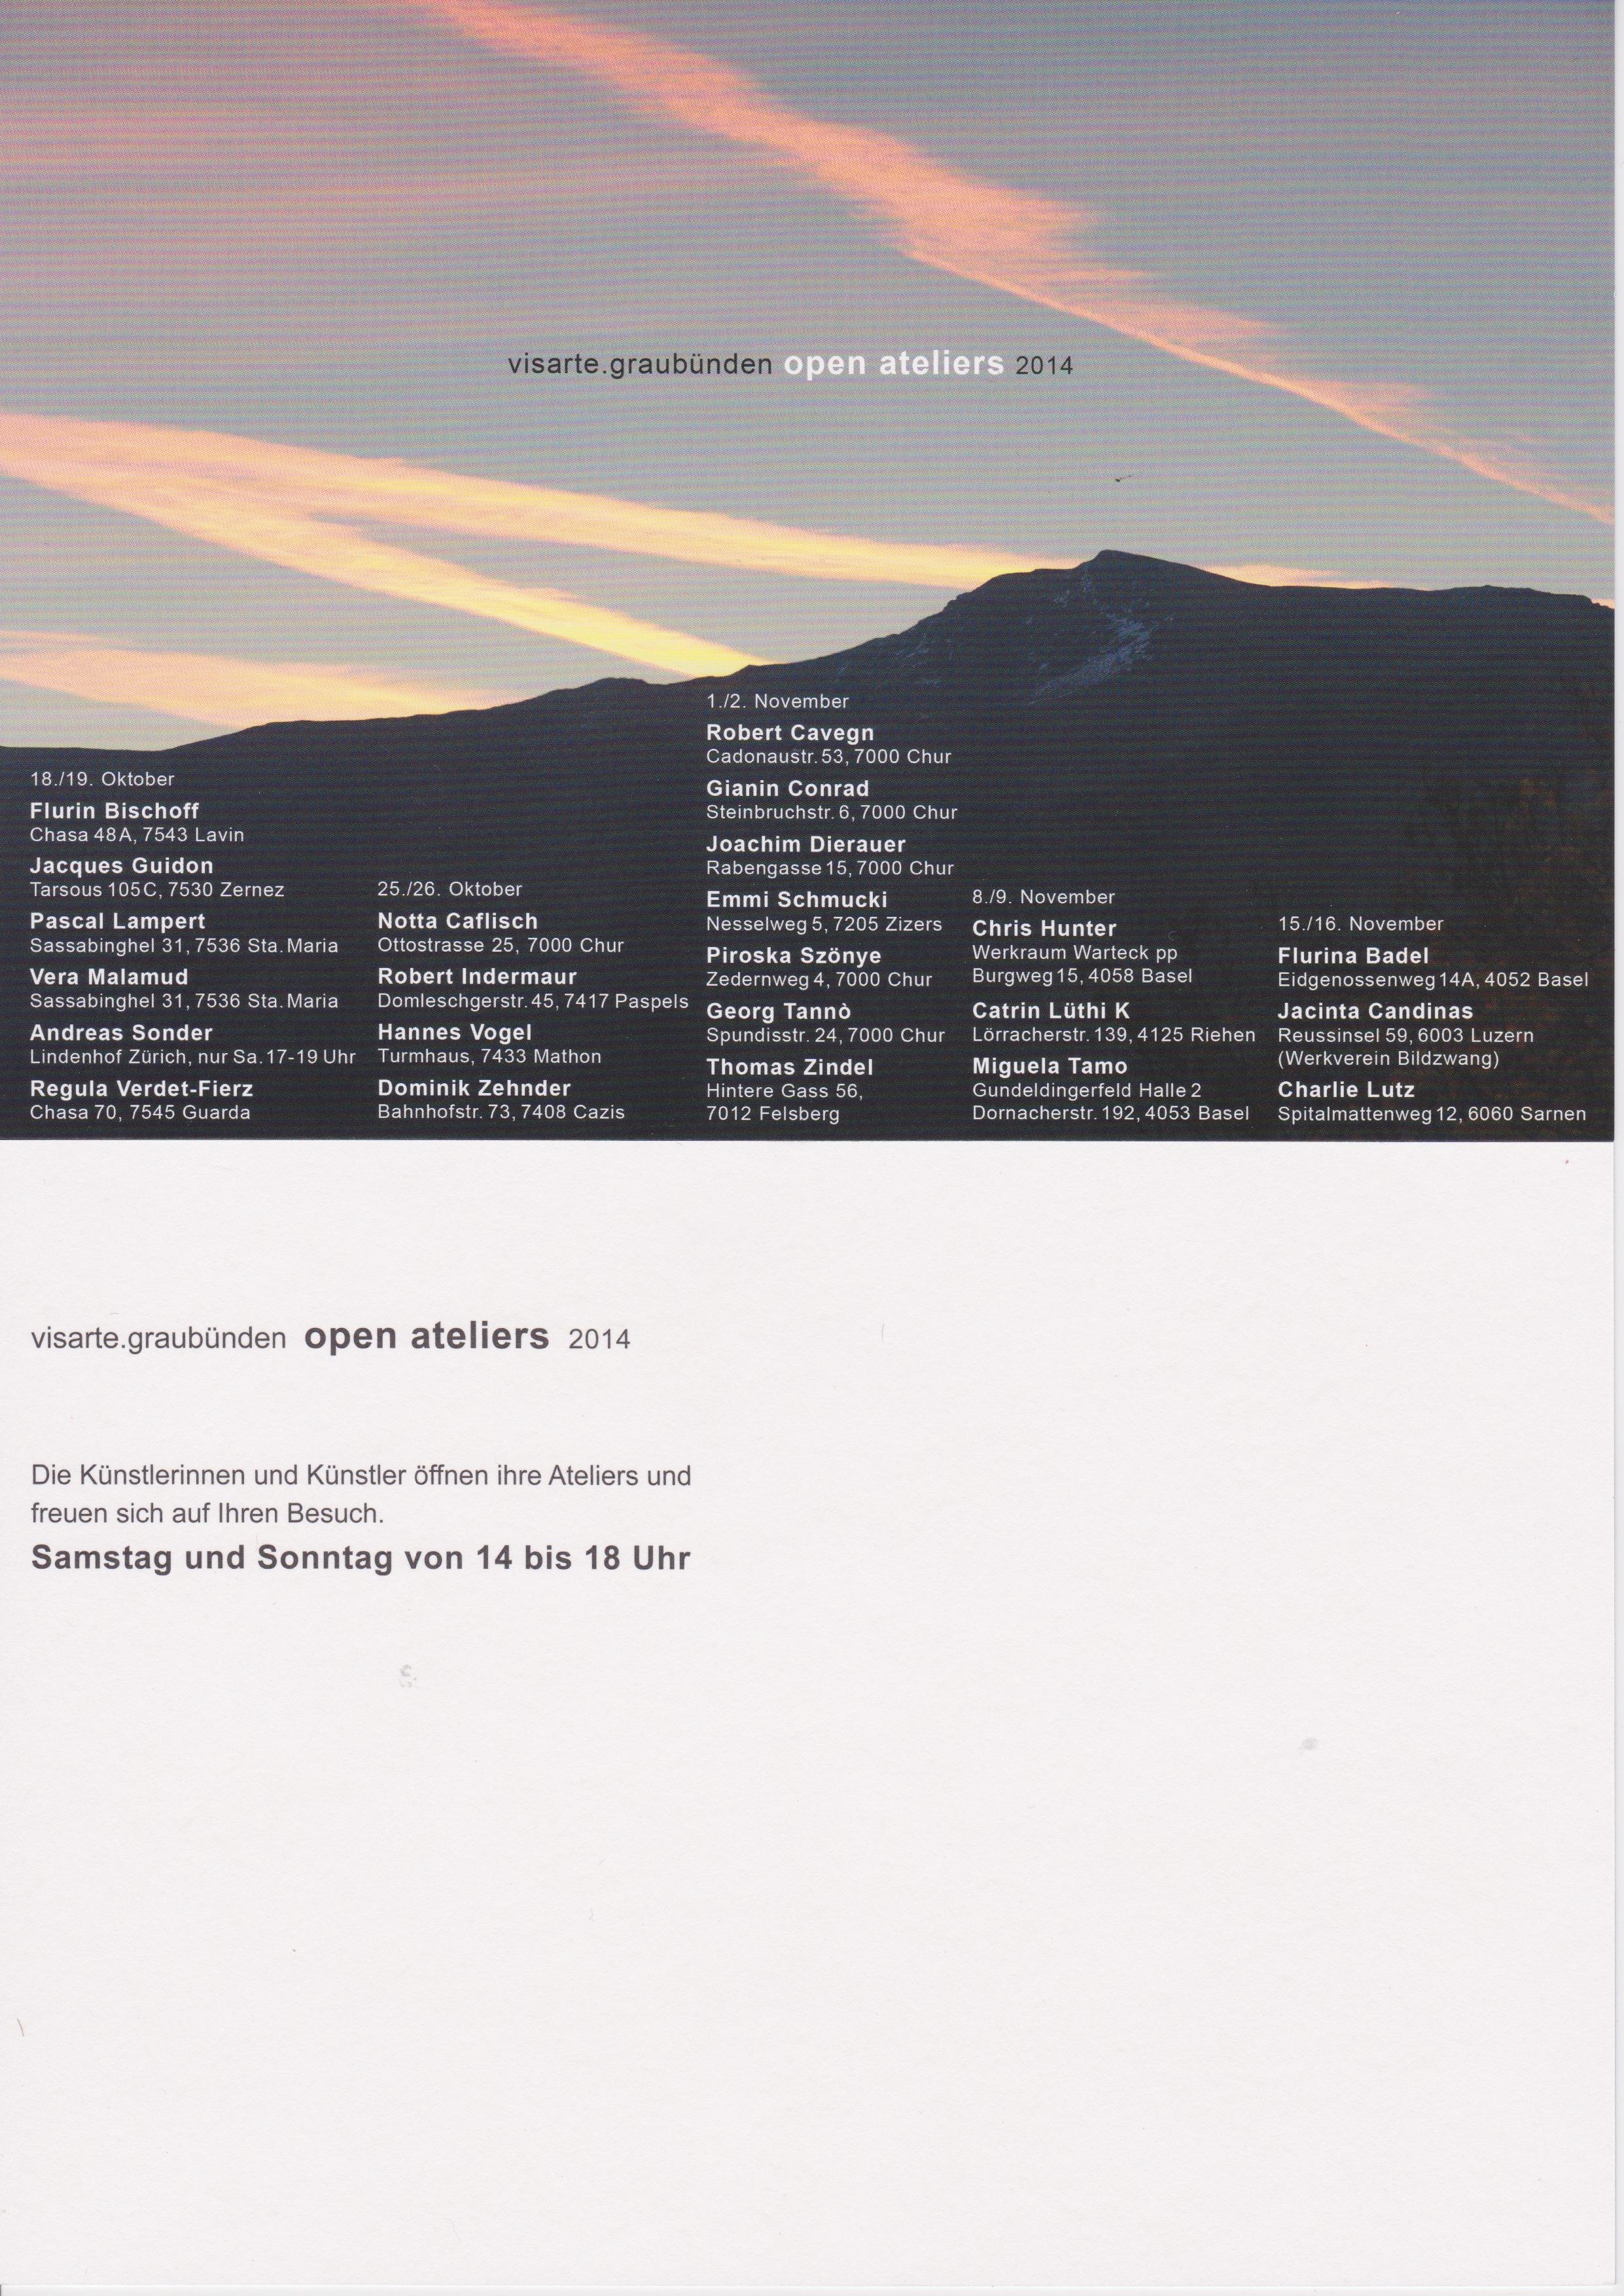 open atelier 2014 Chur